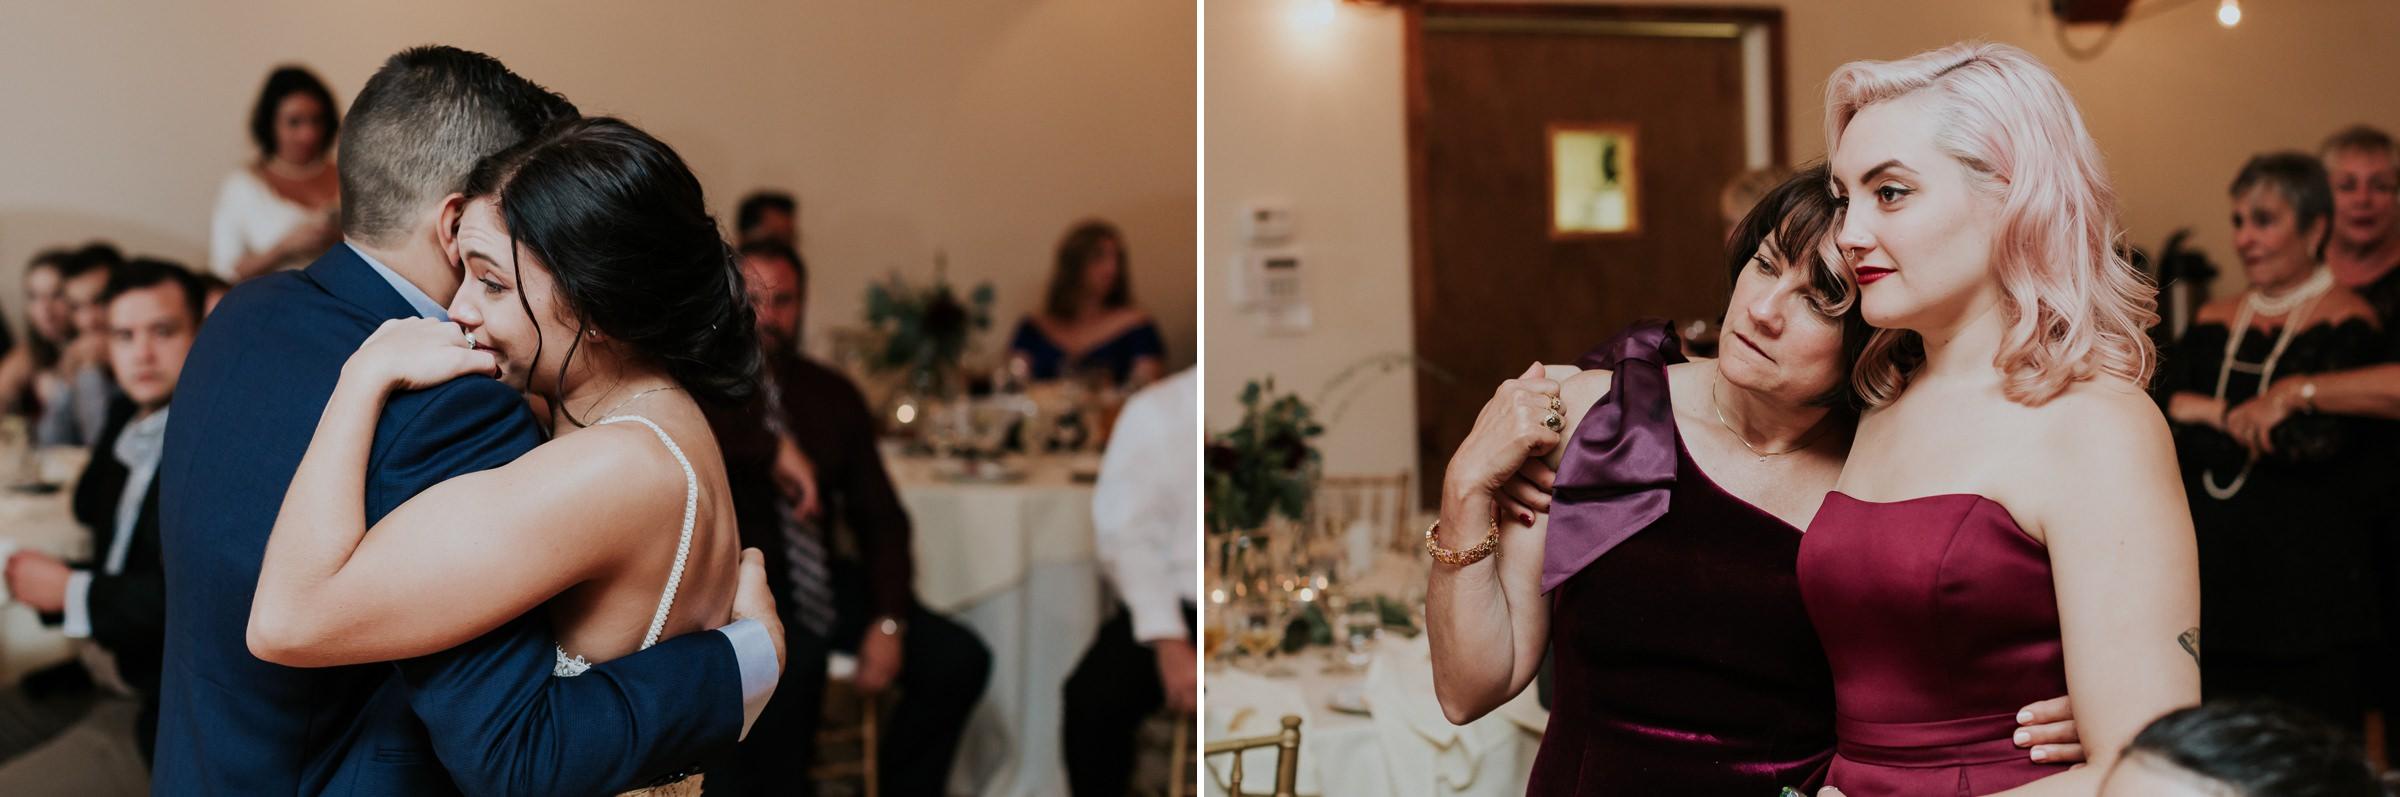 Arrow-Park-Monroe-NY-Documentary-Wedding-Photographer-124.jpg